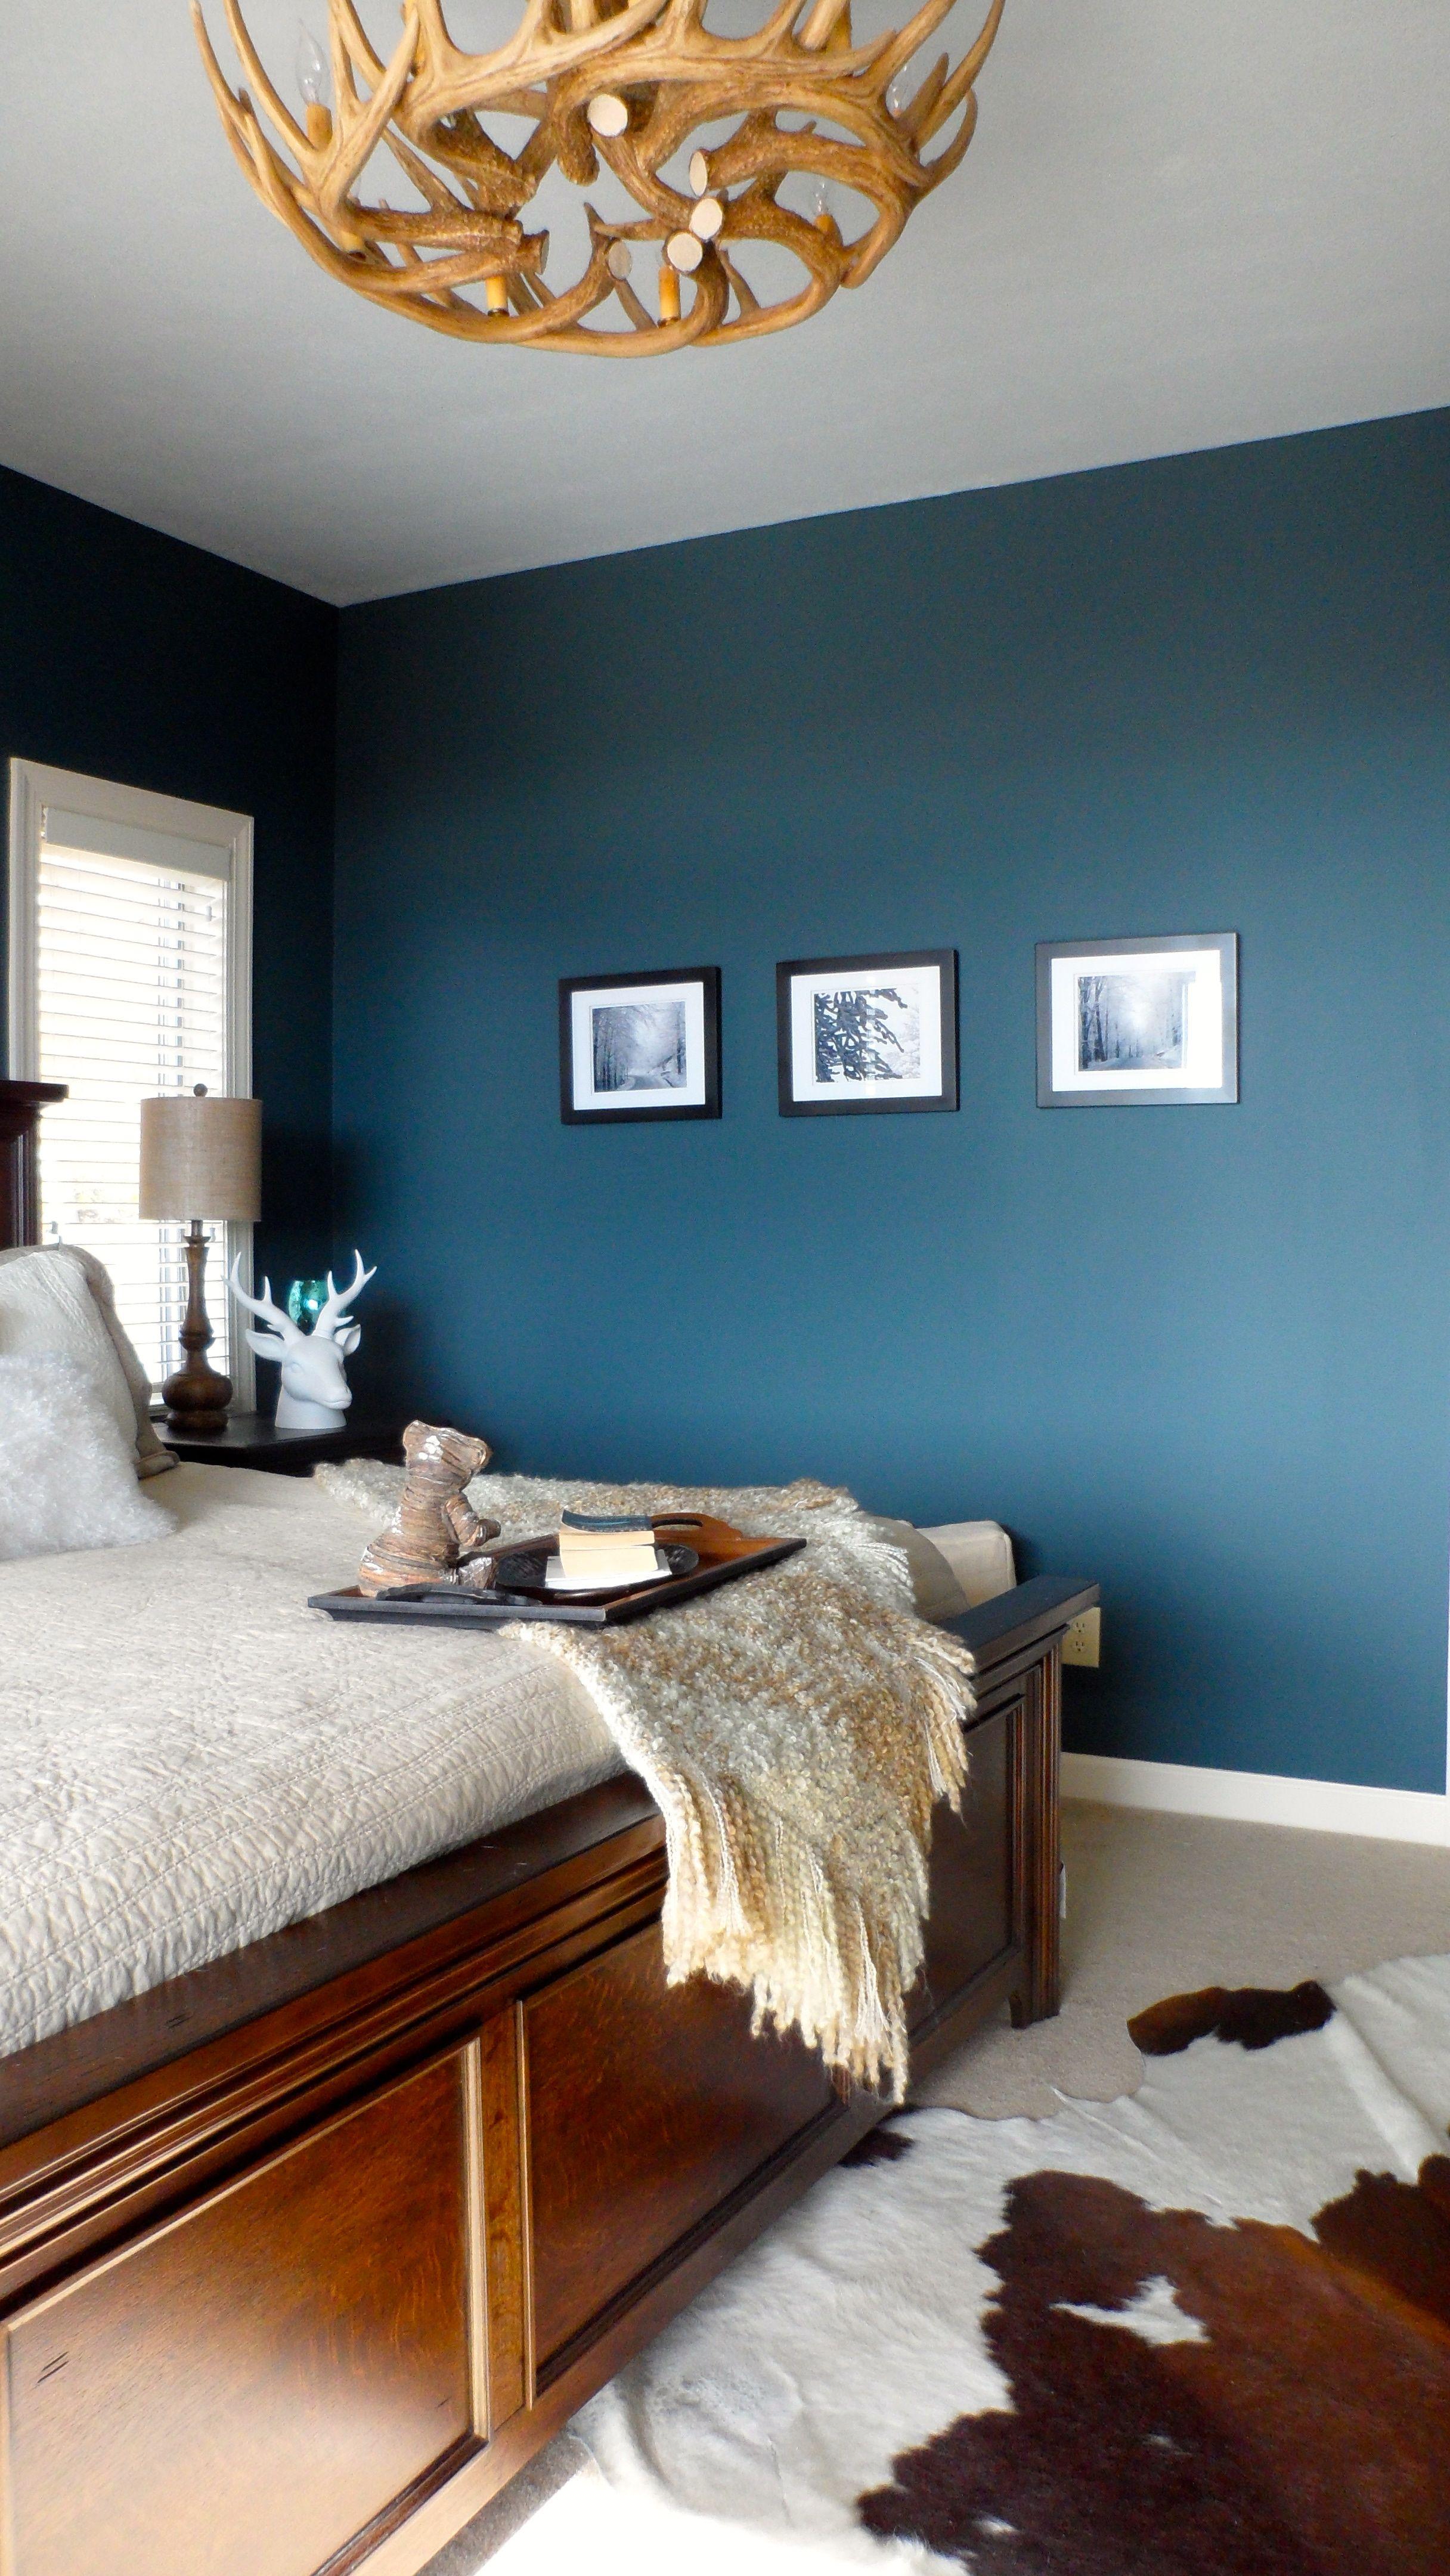 Couleur de chambre 100 id es de bonnes nuits de sommeil wall colors rust - Idee couleur de chambre ...